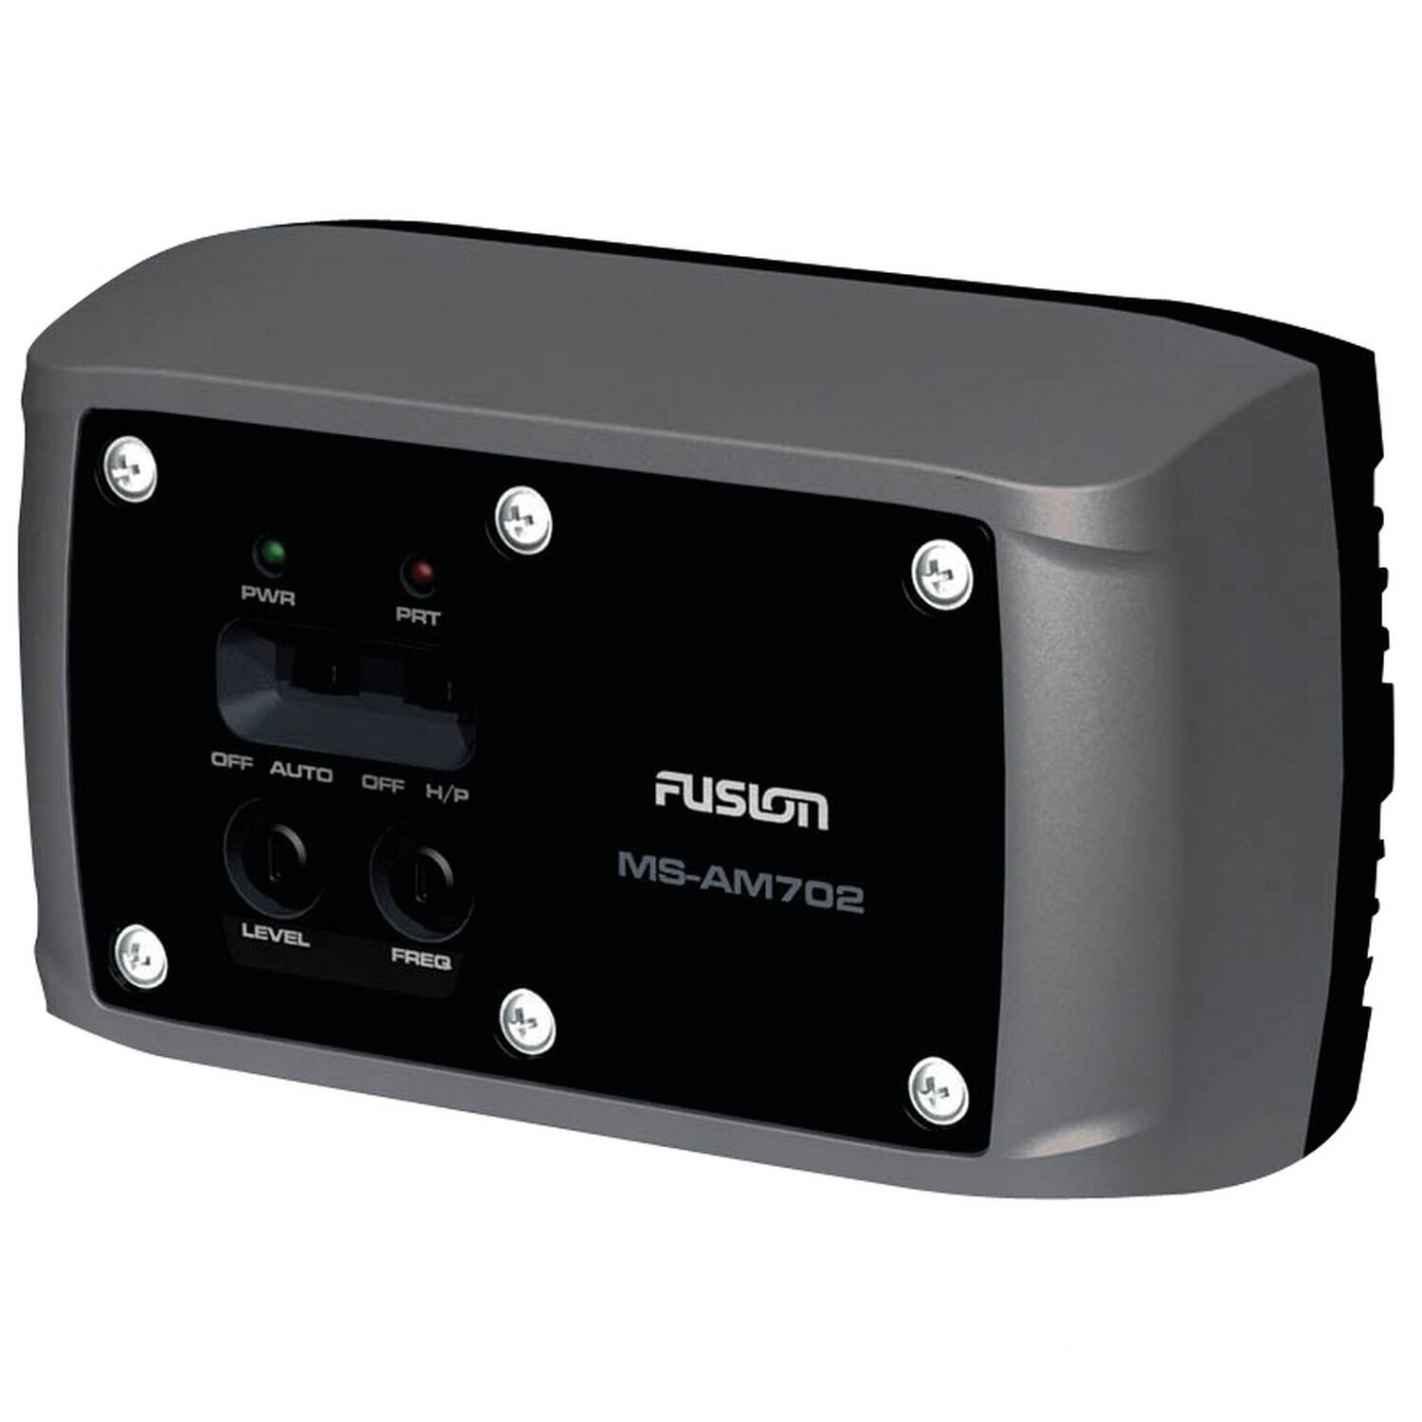 système audio fusion